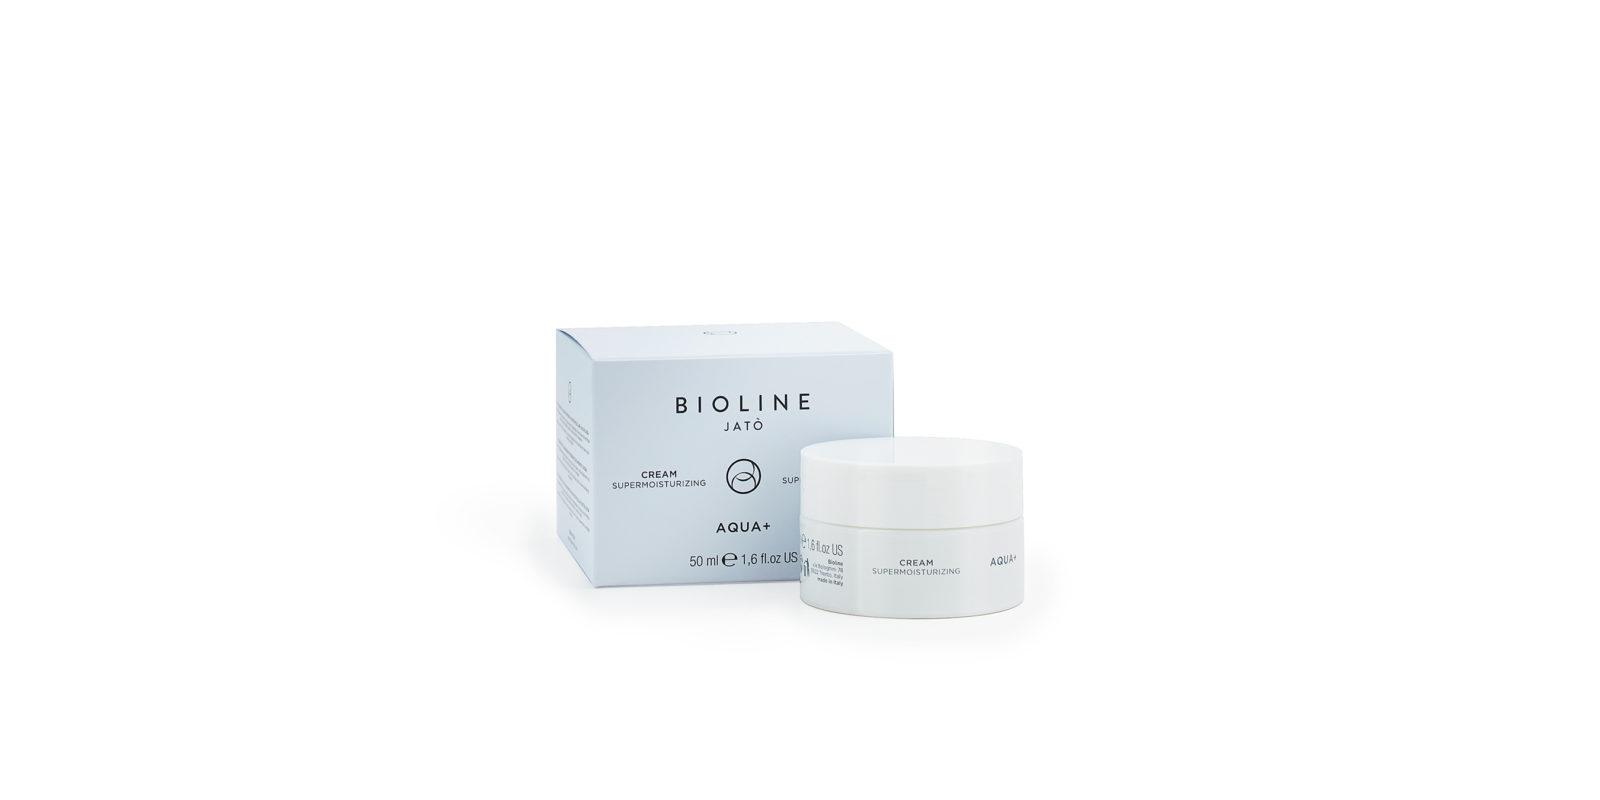 Bioline Jatò Aqua+ Cream Supermoisturizing